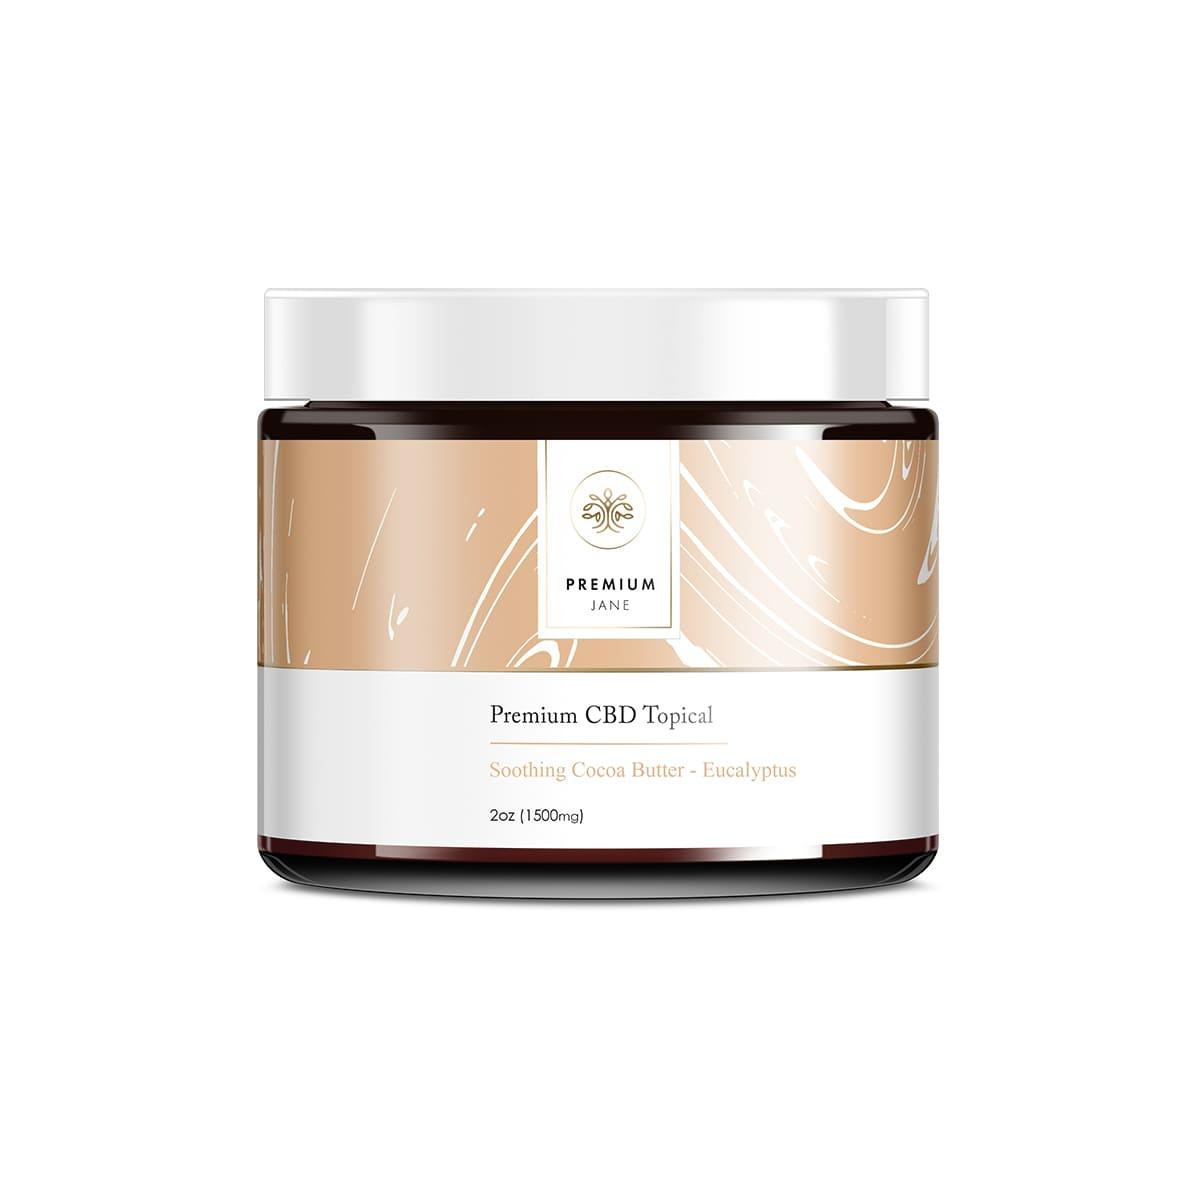 Premium Jane Cocoa Butter Topical CBD Ointment - 2oz (60ml) 1500mg CBD